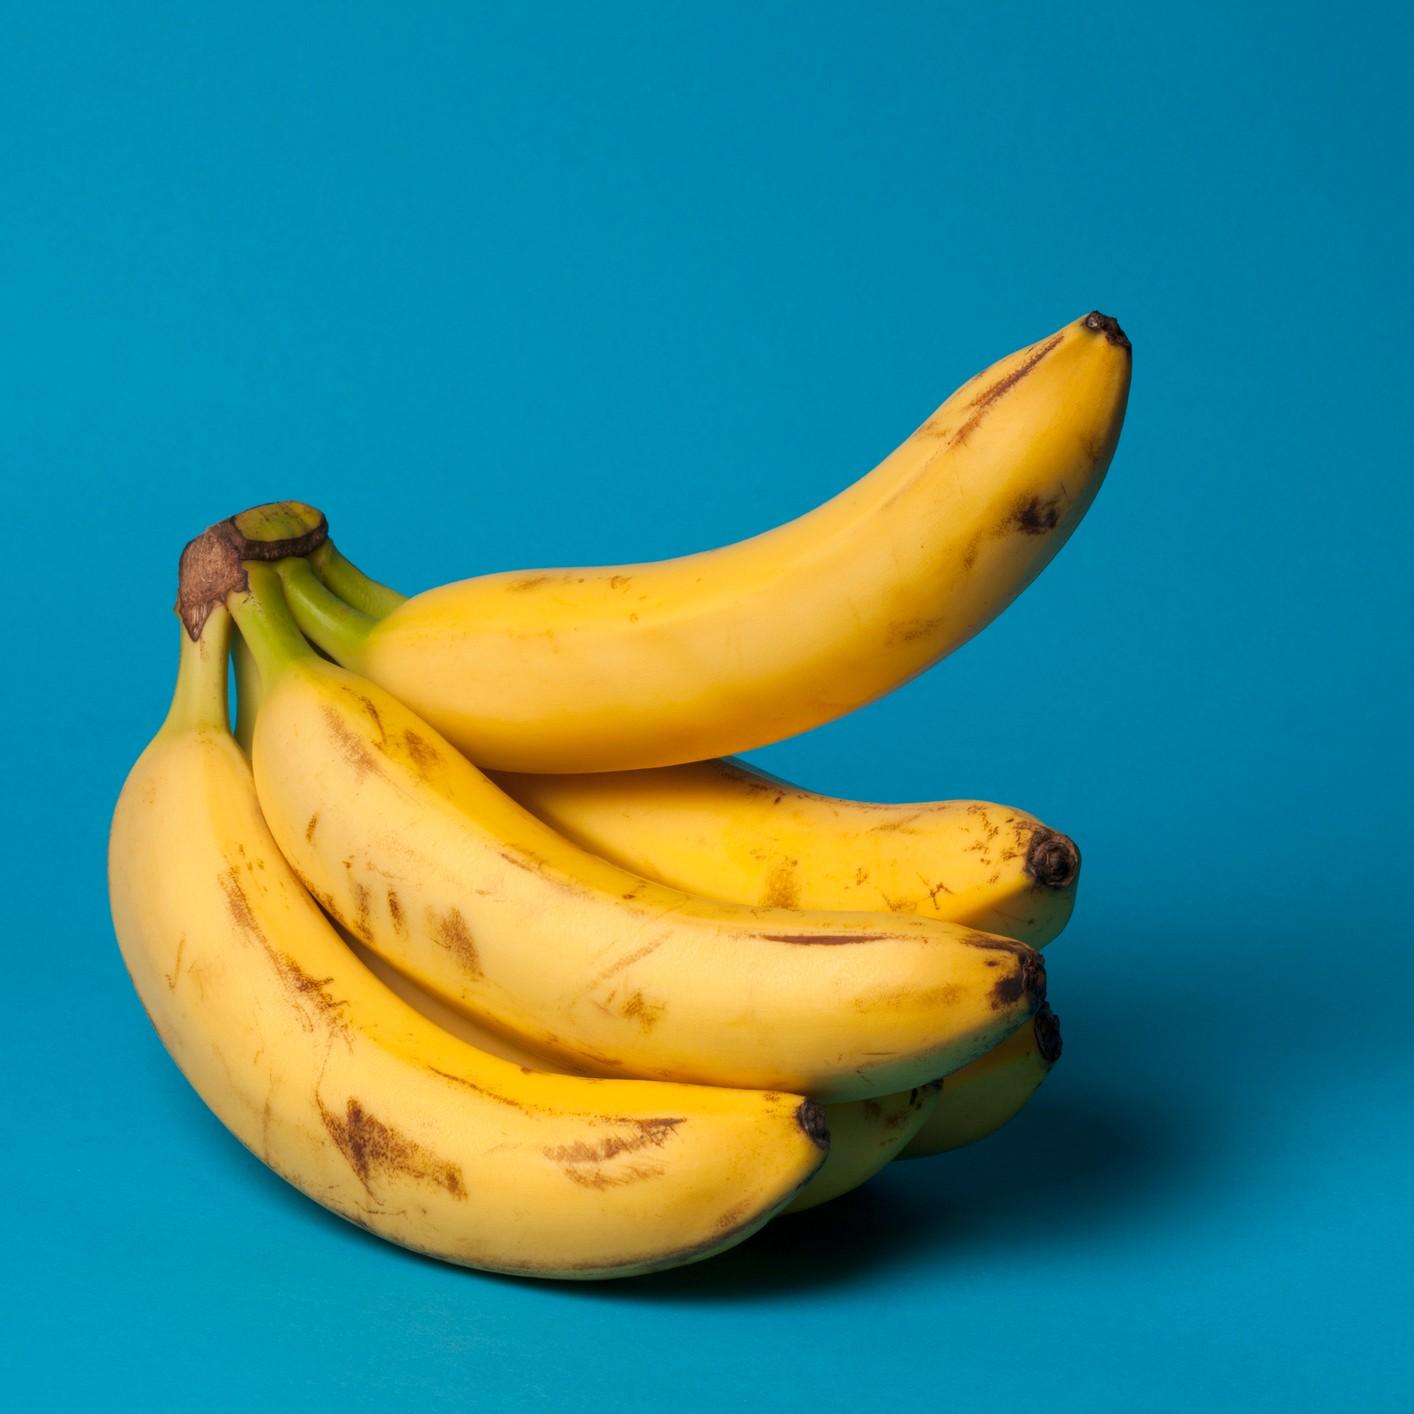 cel mai bun fruct pentru o erecție